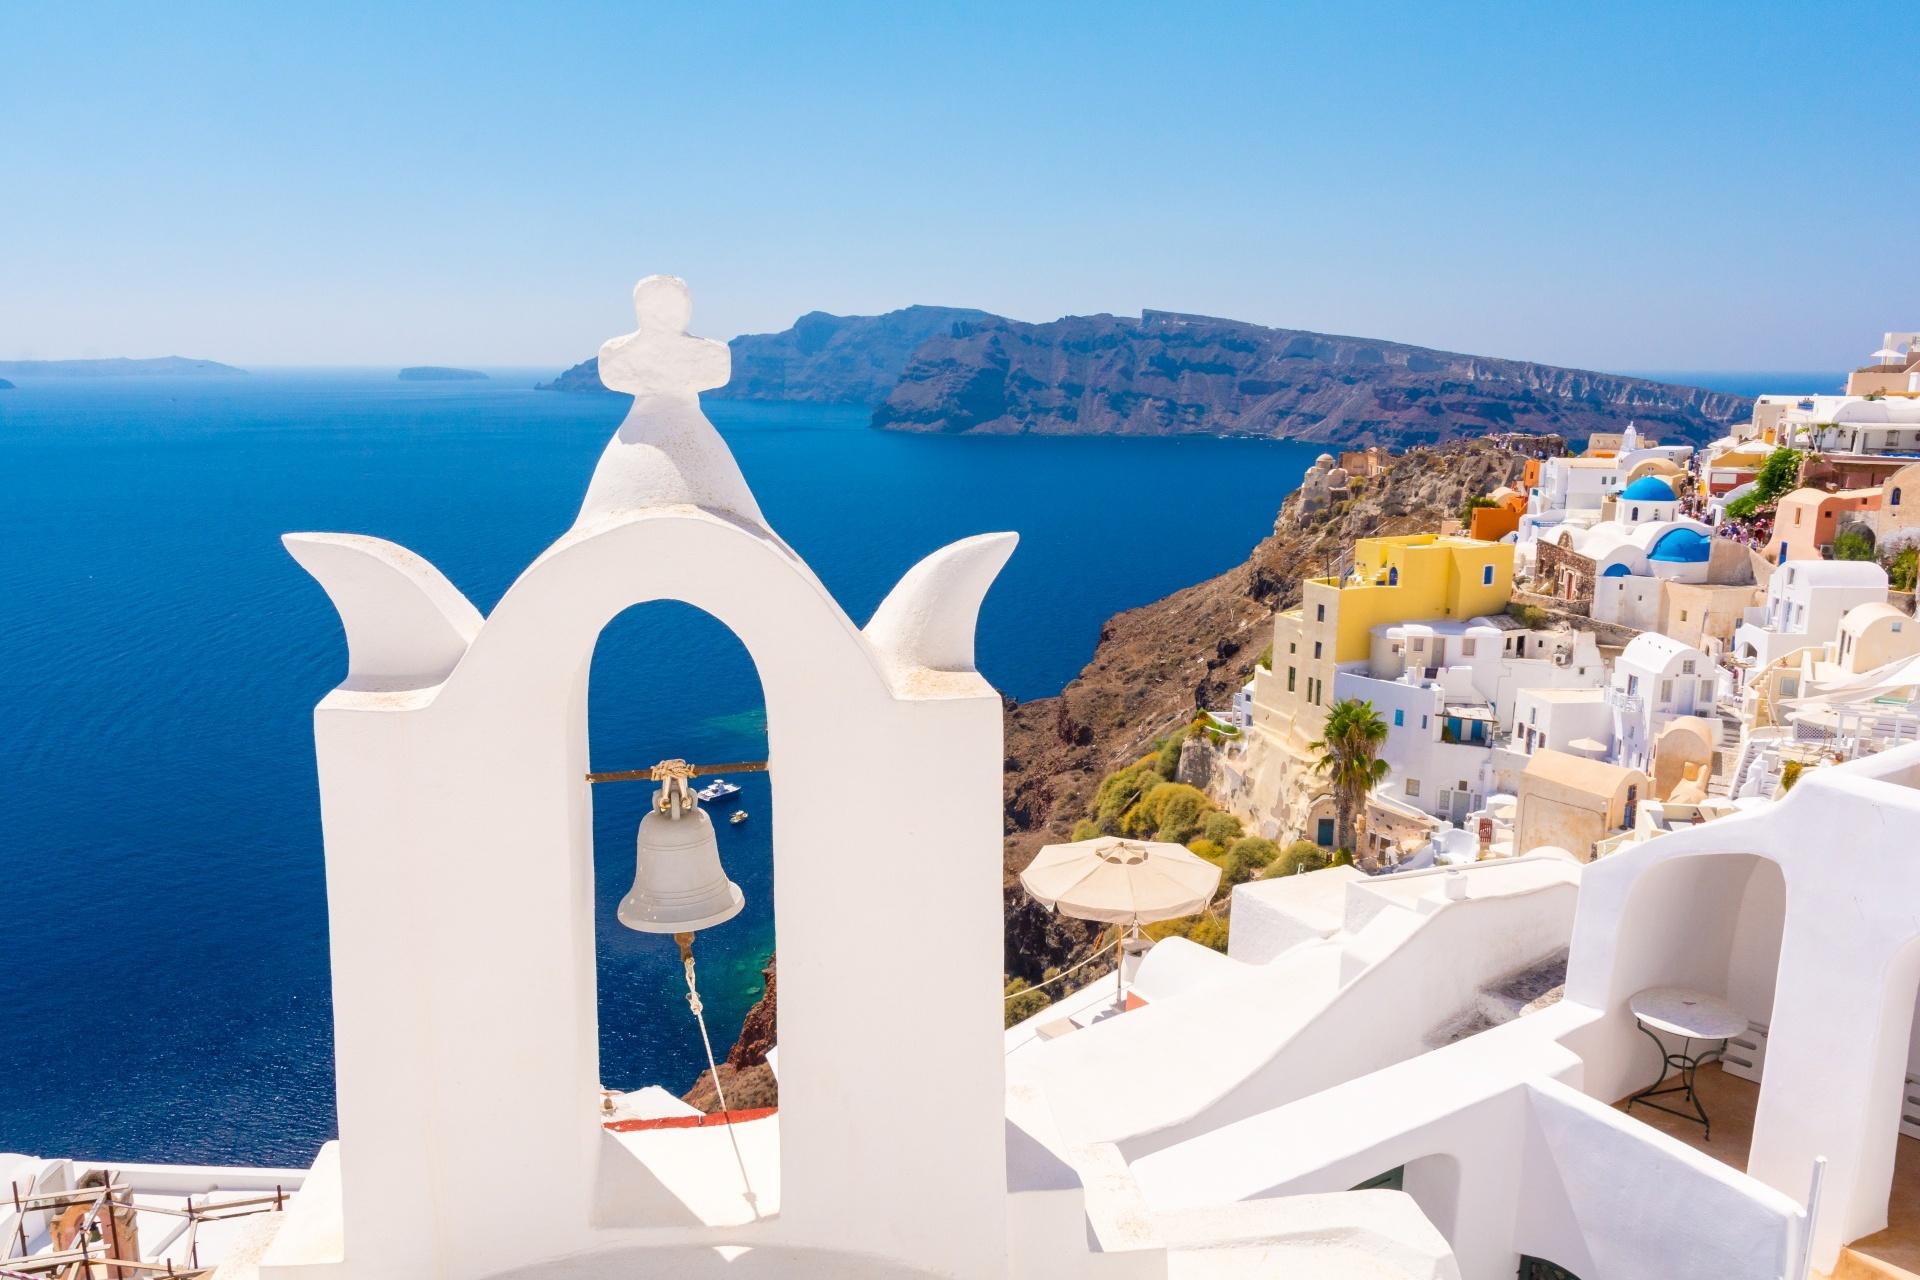 エーゲ海の景色 ギリシャの風景